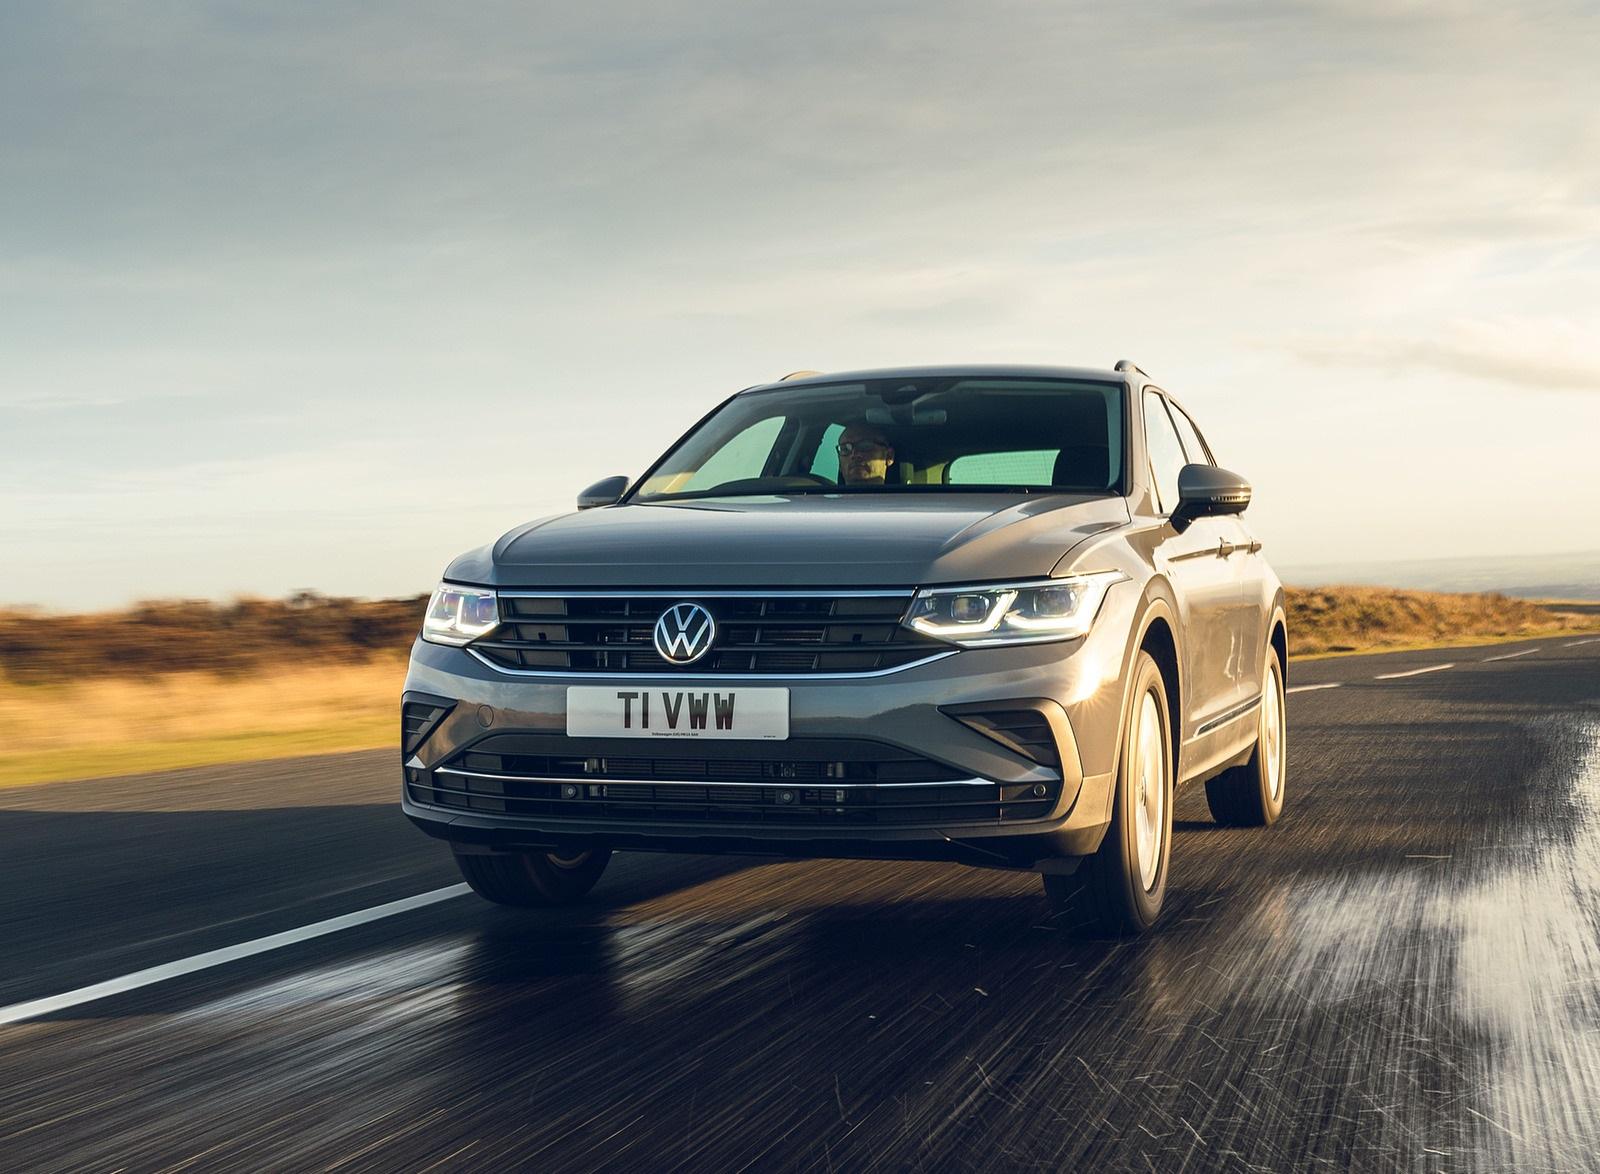 2021 Volkswagen Tiguan Life (UK-Spec) Front Wallpapers (1)